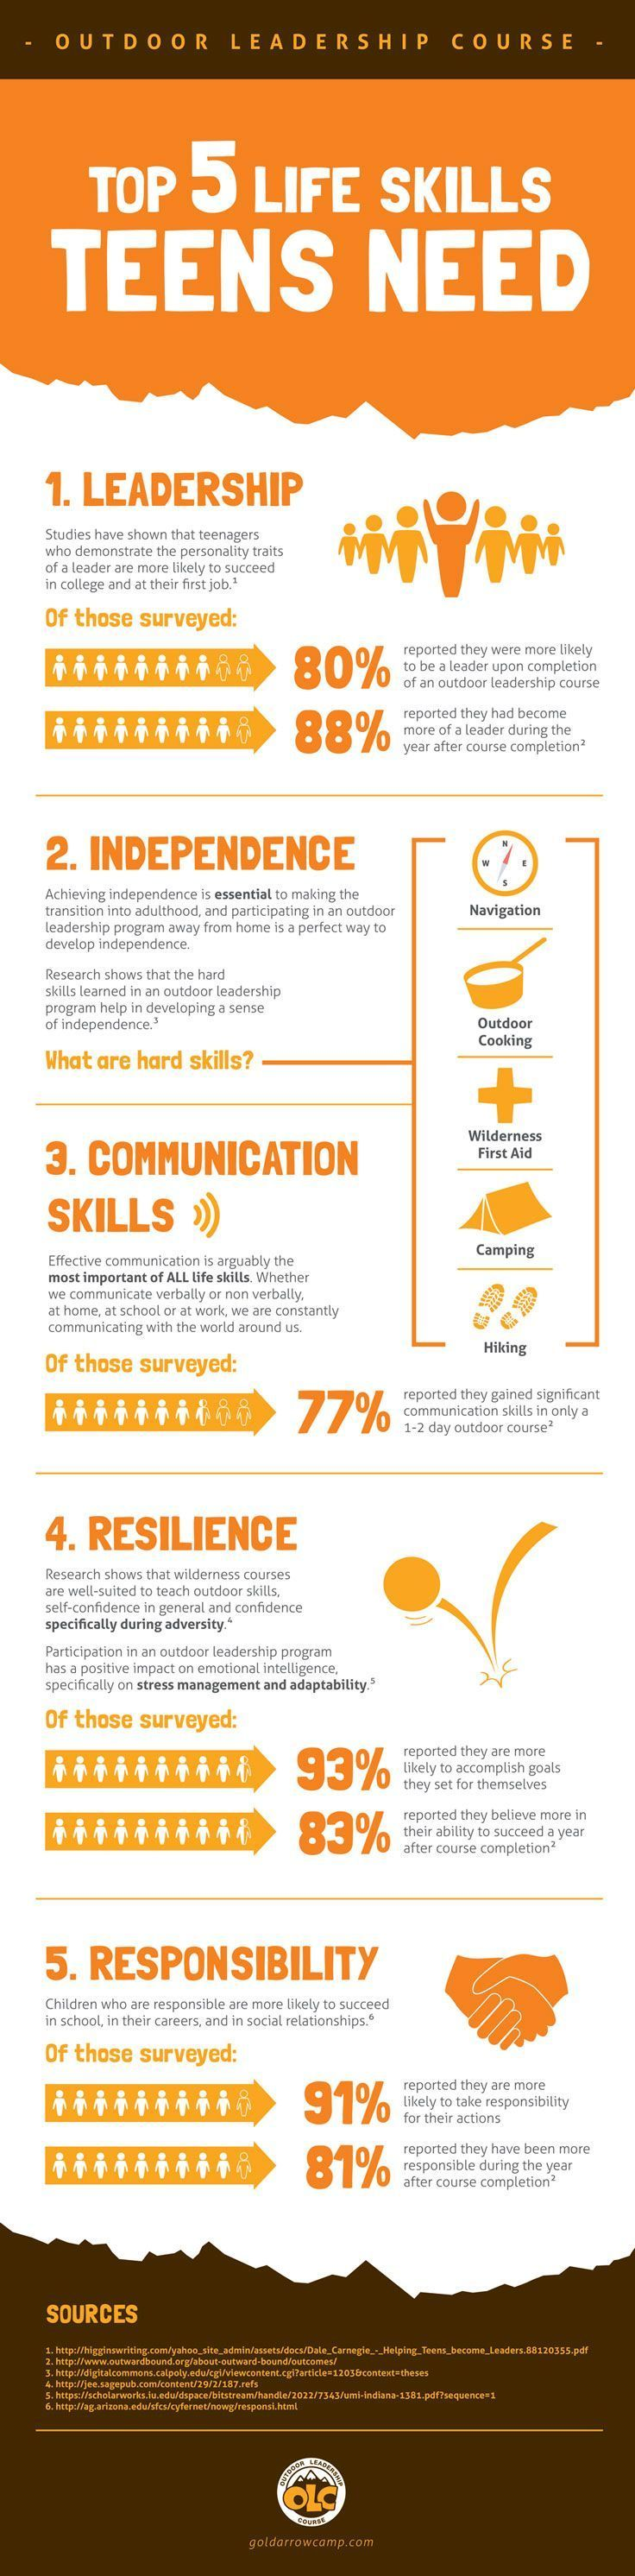 Best 25 Leadership activities ideas on Pinterest